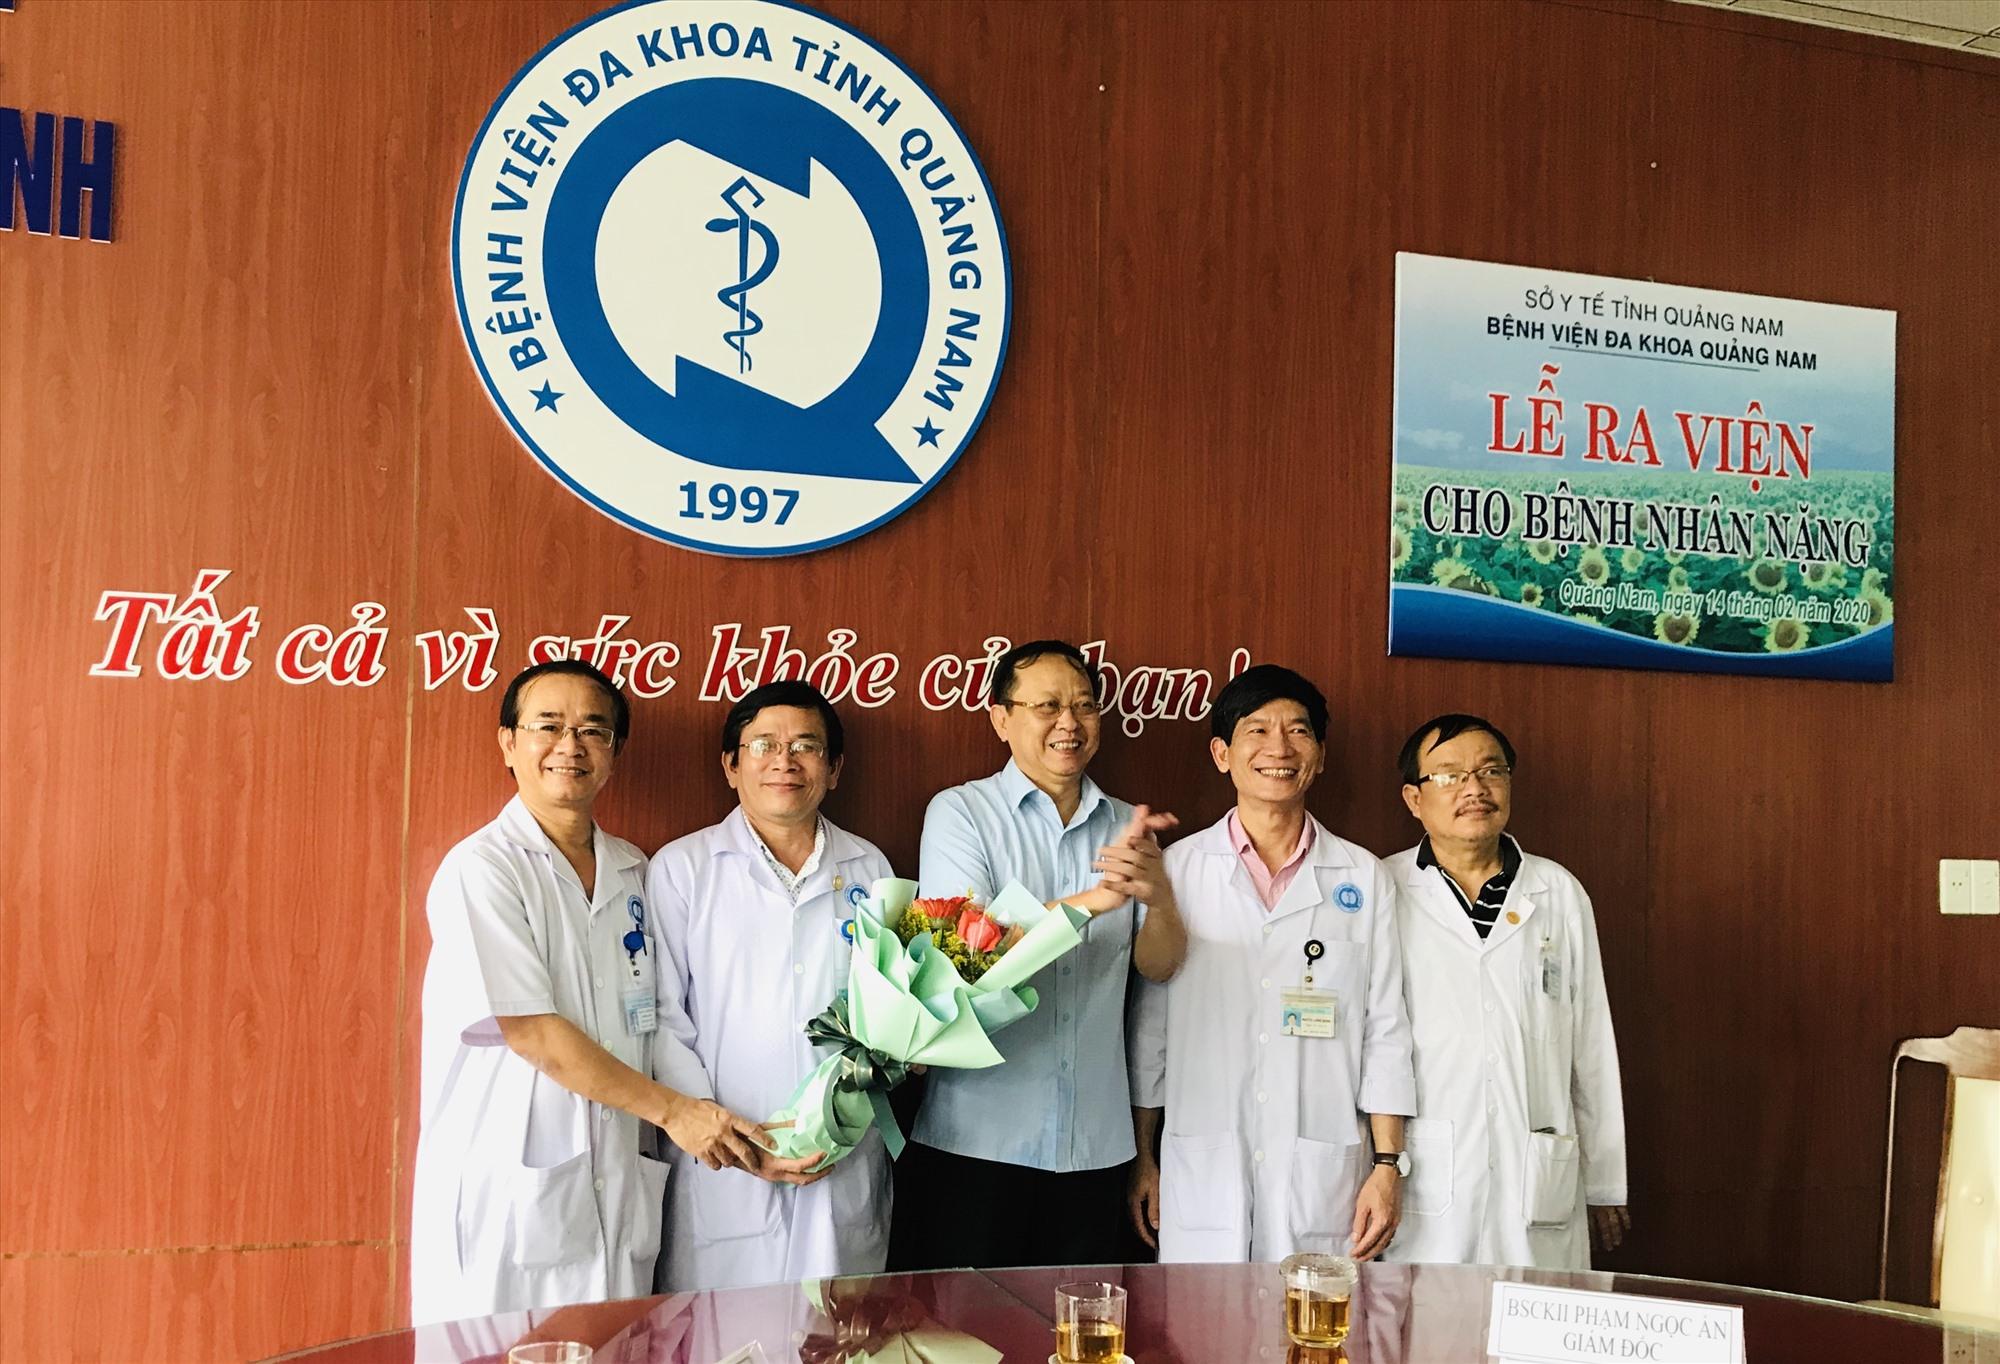 Bác sĩ Nguyễn Văn Hai - Giám đốc Sở Y tế chúc mừng ê-kip của BVĐK tỉnh đã cứu sống bệnh nhân. Ảnh: C.N